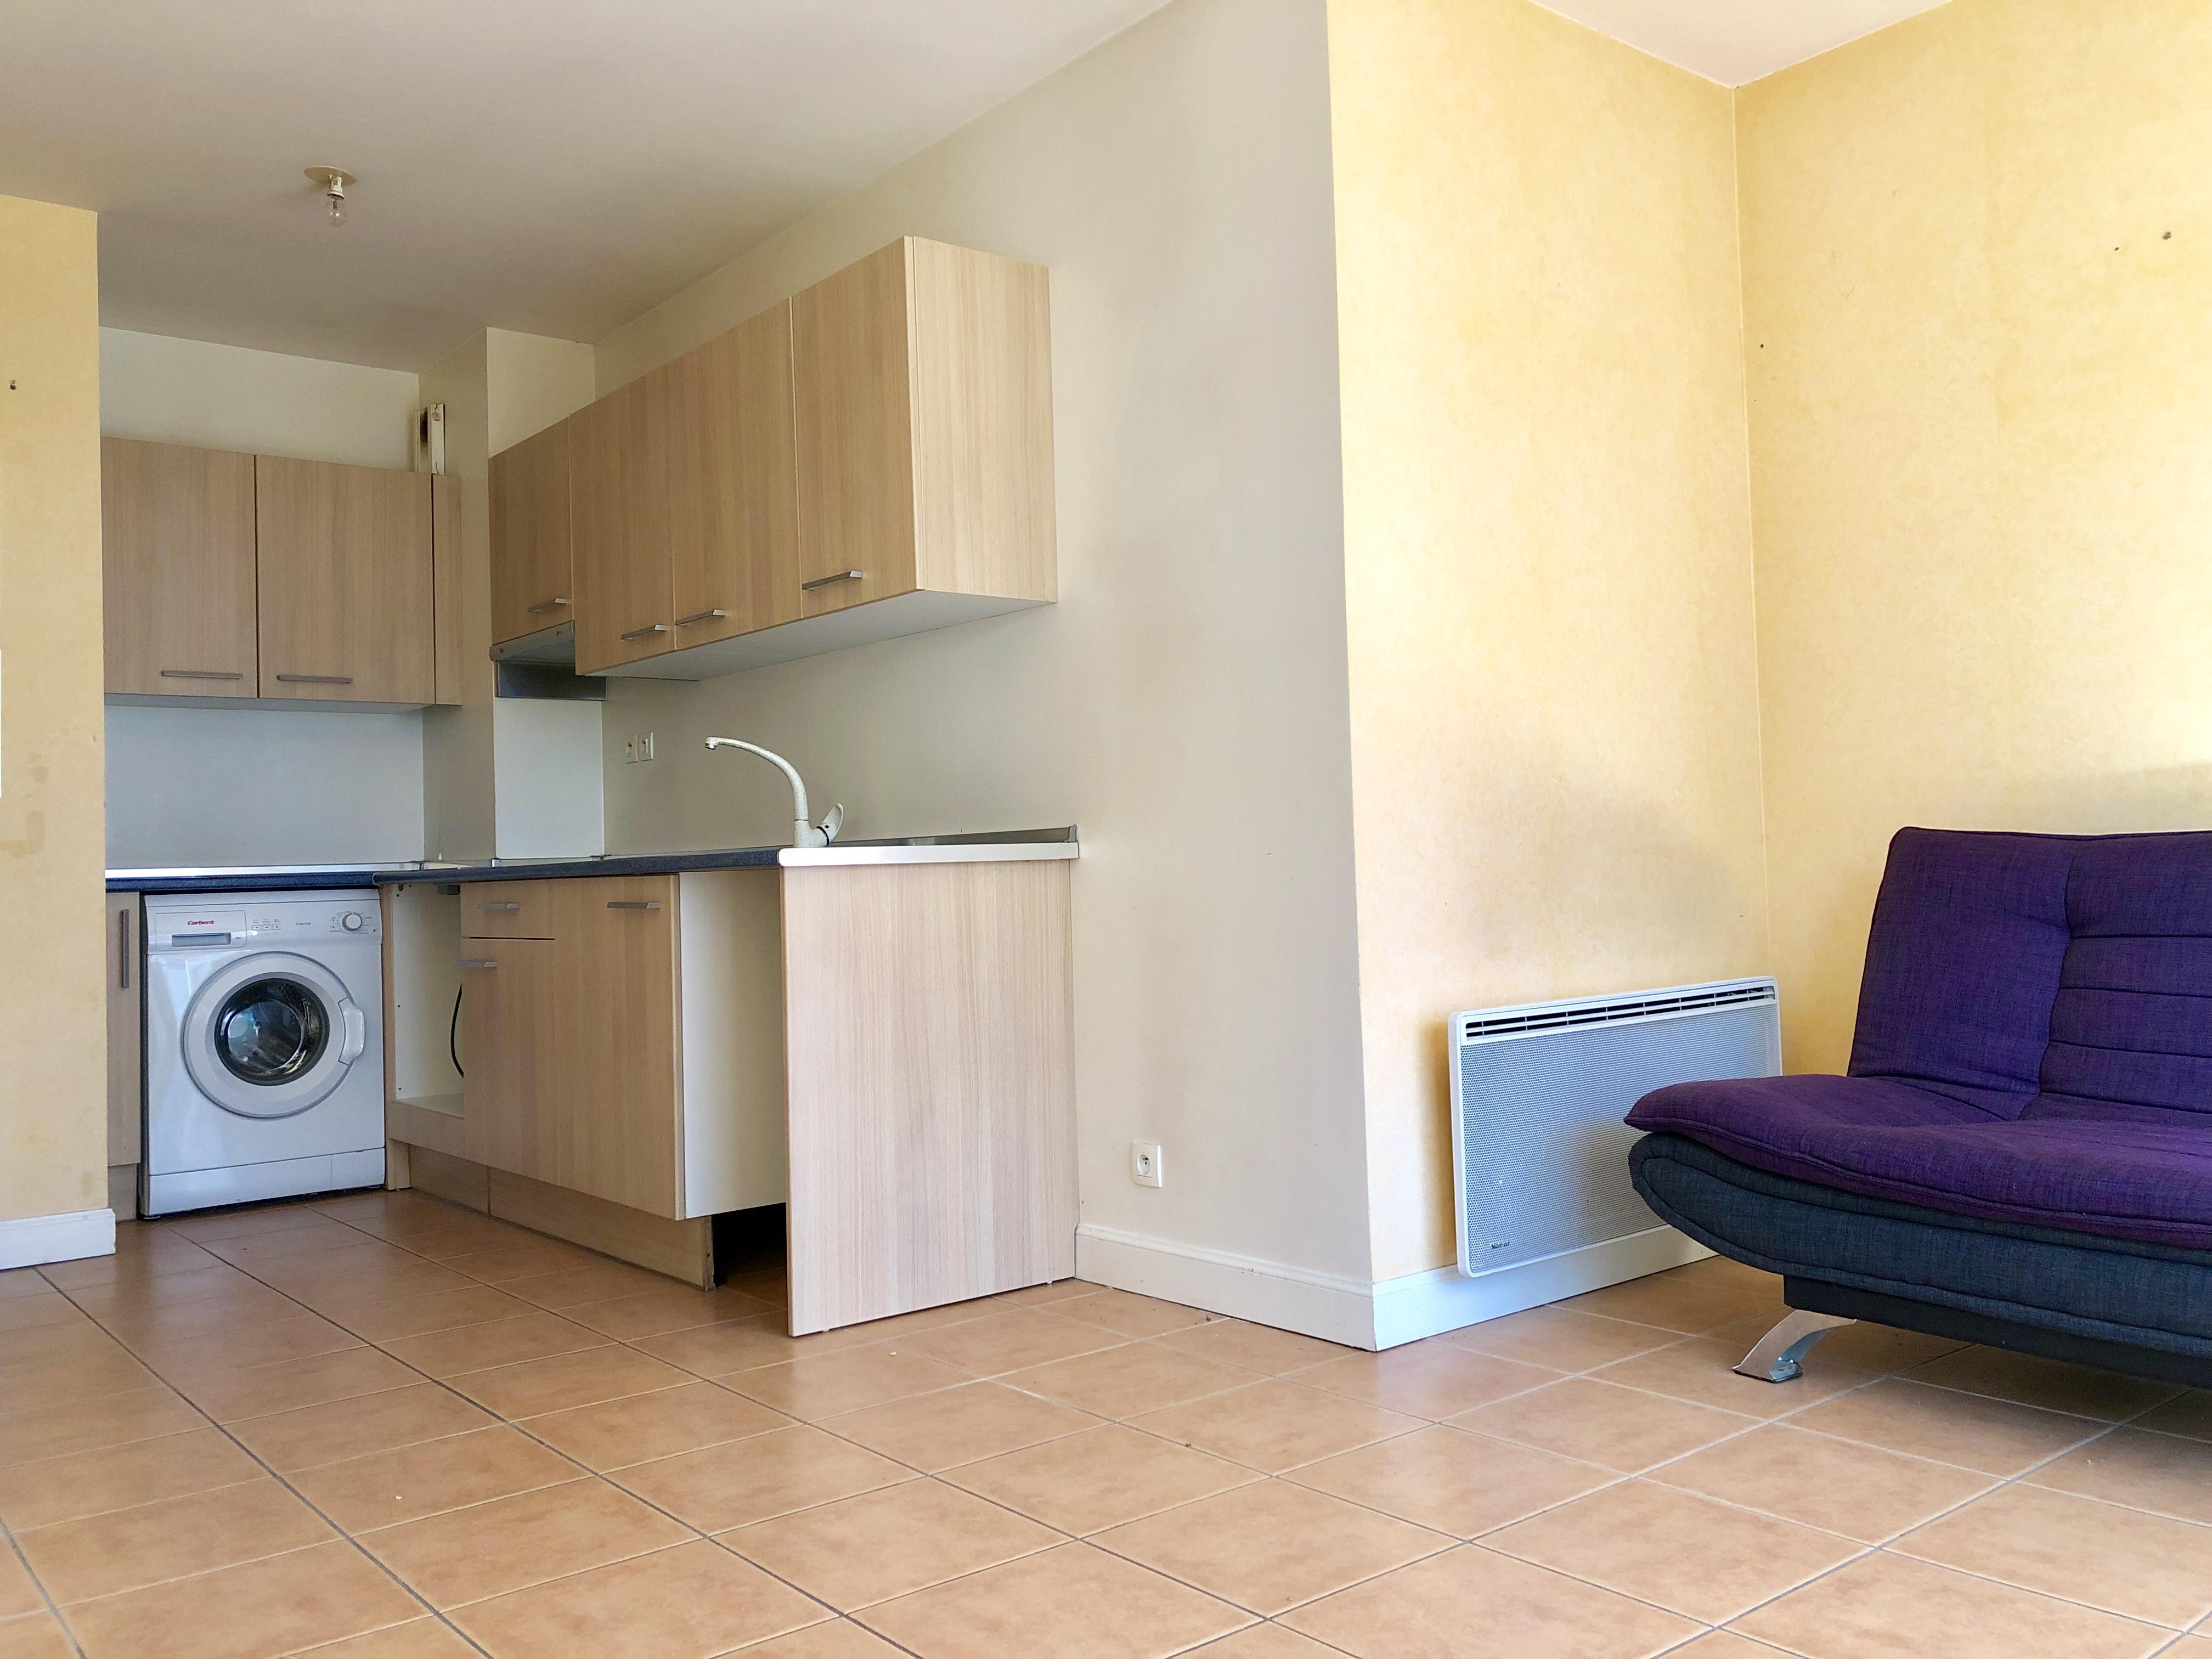 Hendaia alturas apartamento con terraza, parking y trastero.